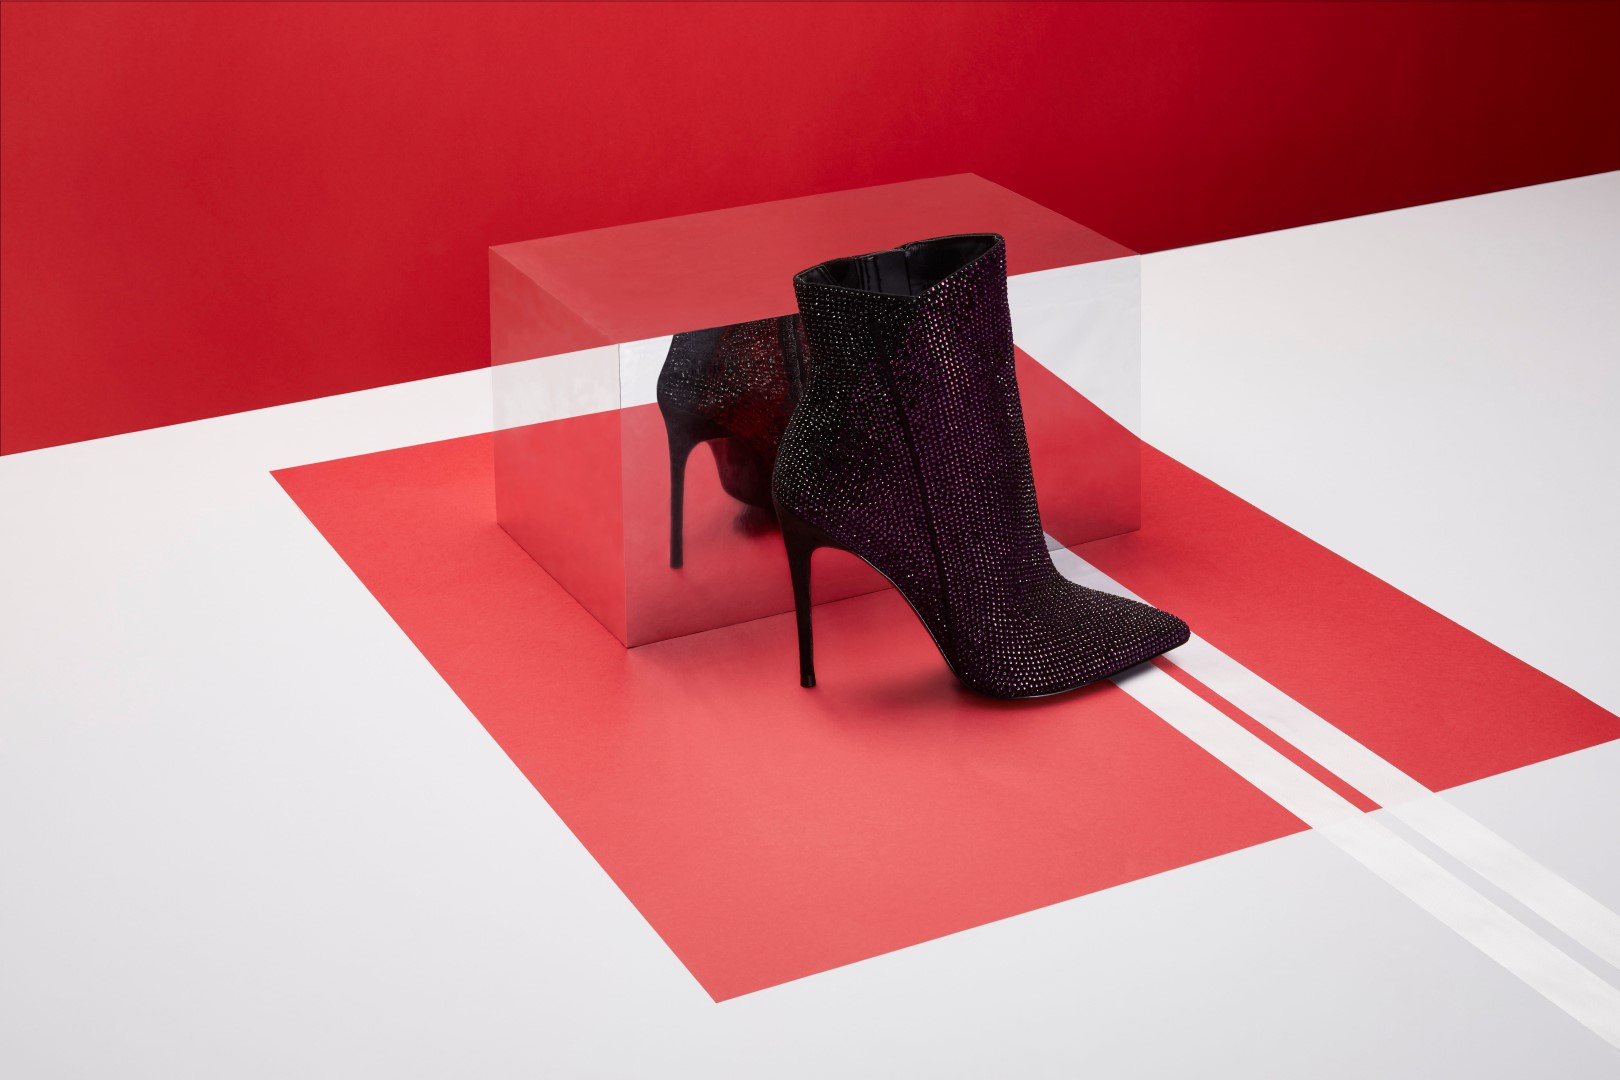 Aldo shoes Natale 2018